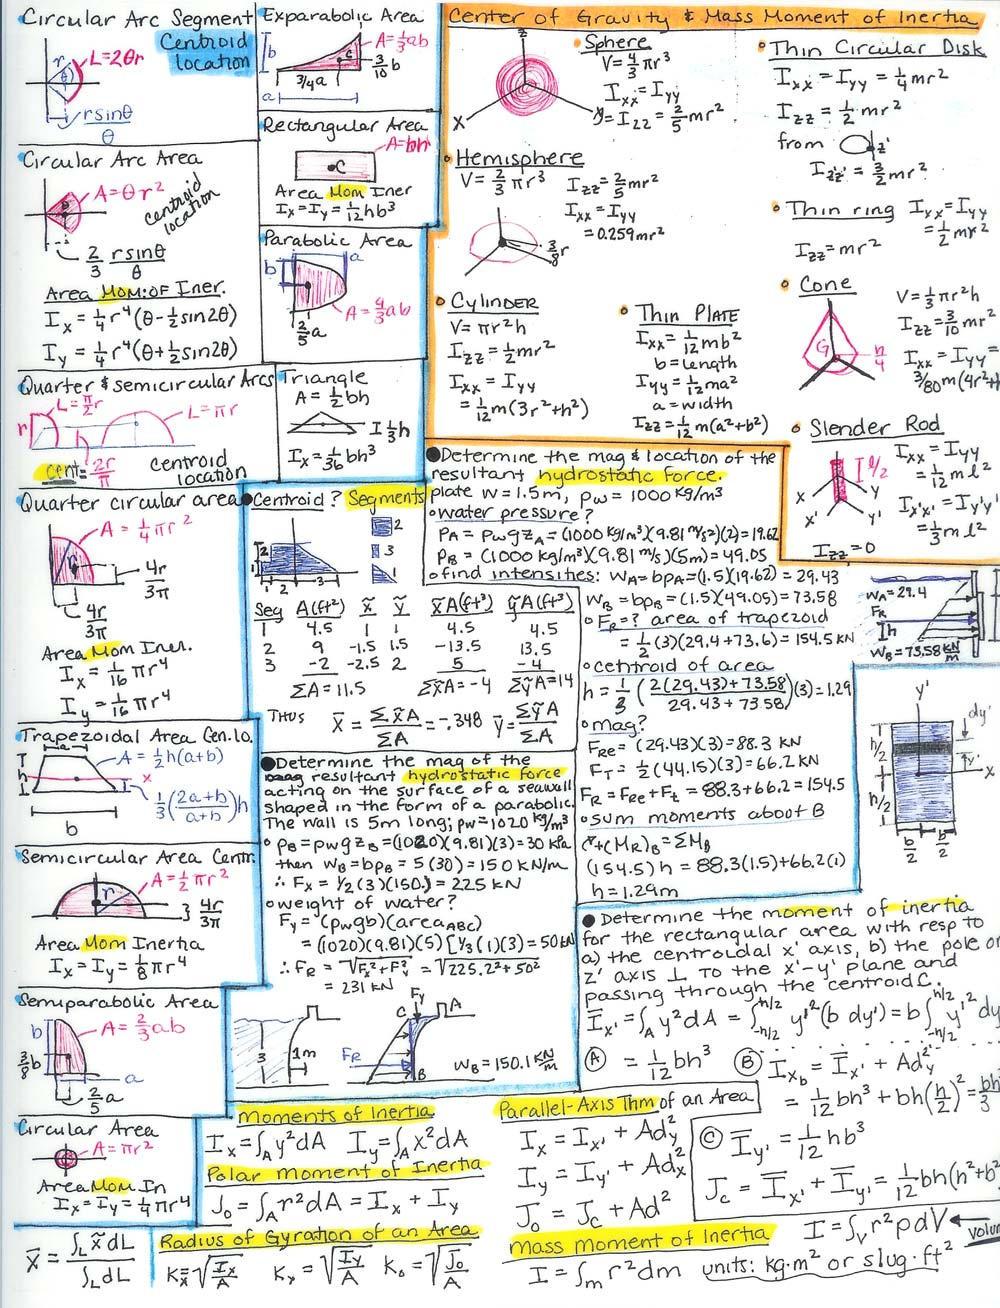 book структура бросковых действий с мячом в художественной гимнастике и методика их совершенствования 8000 руб 0